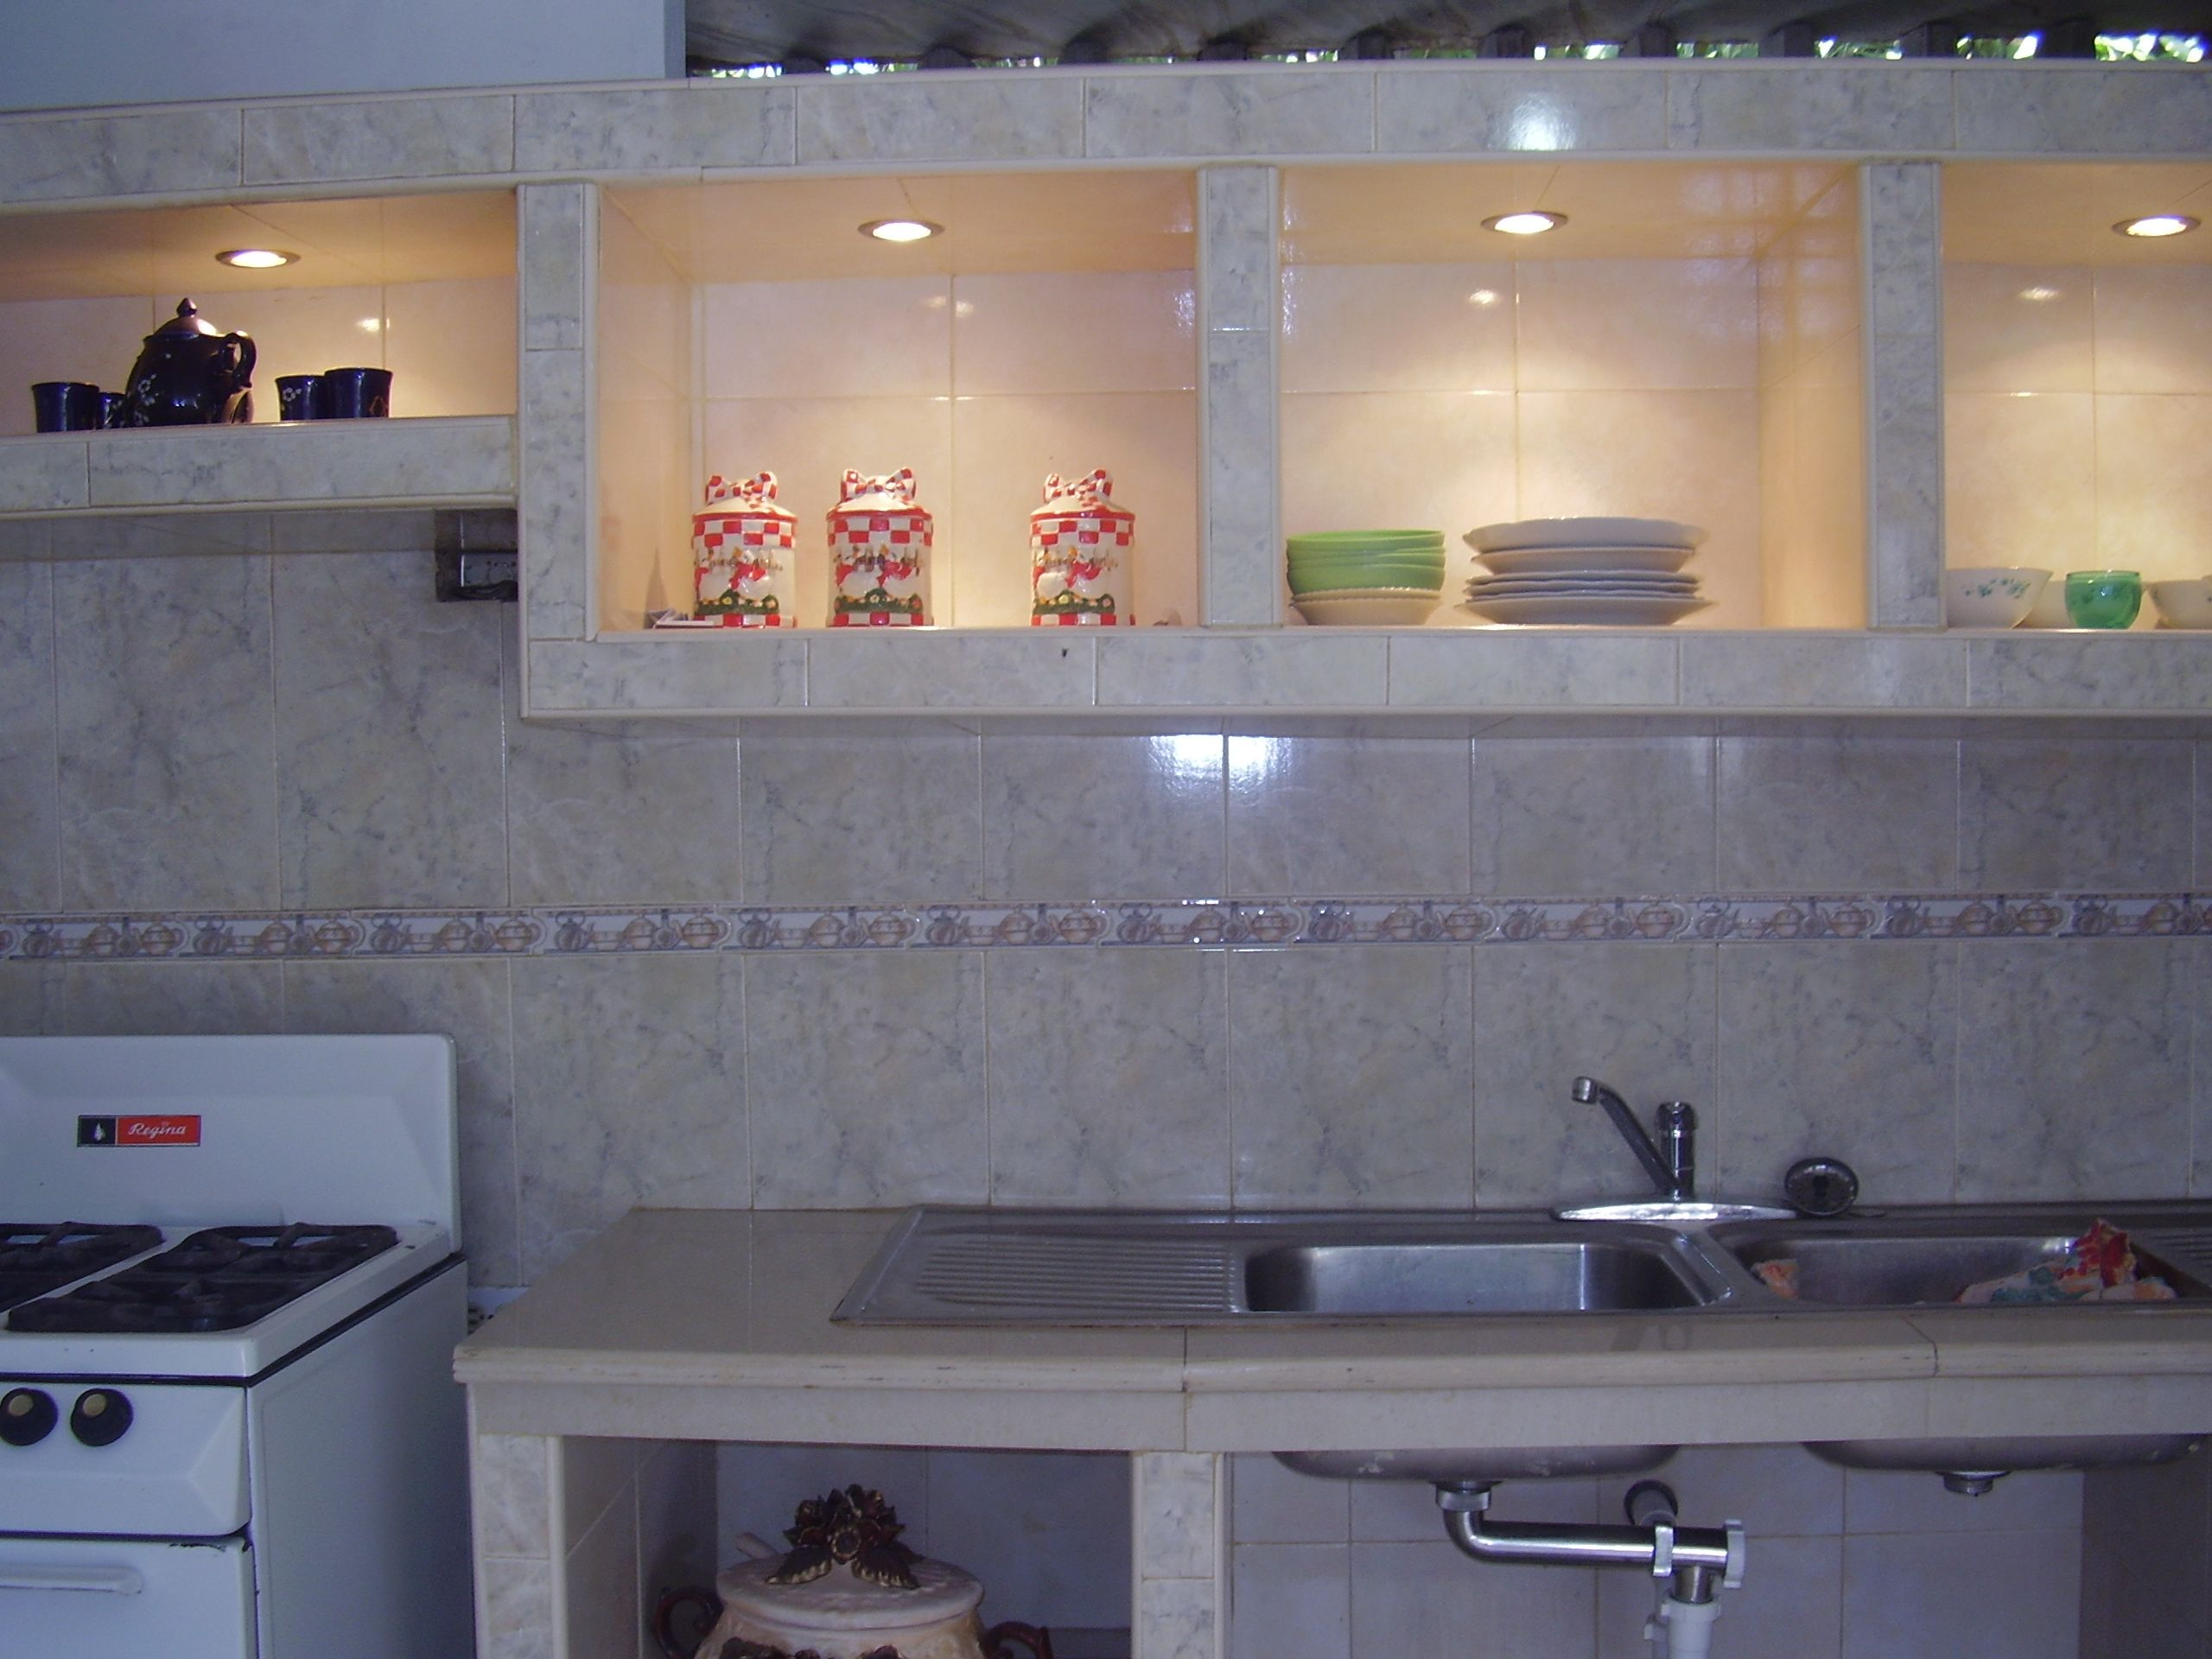 Vendo Casa En Urb San Jacinto Sector 12 Vereda Anuncia Gratis  ~ Programa Para Diseñar Cocinas Gratis